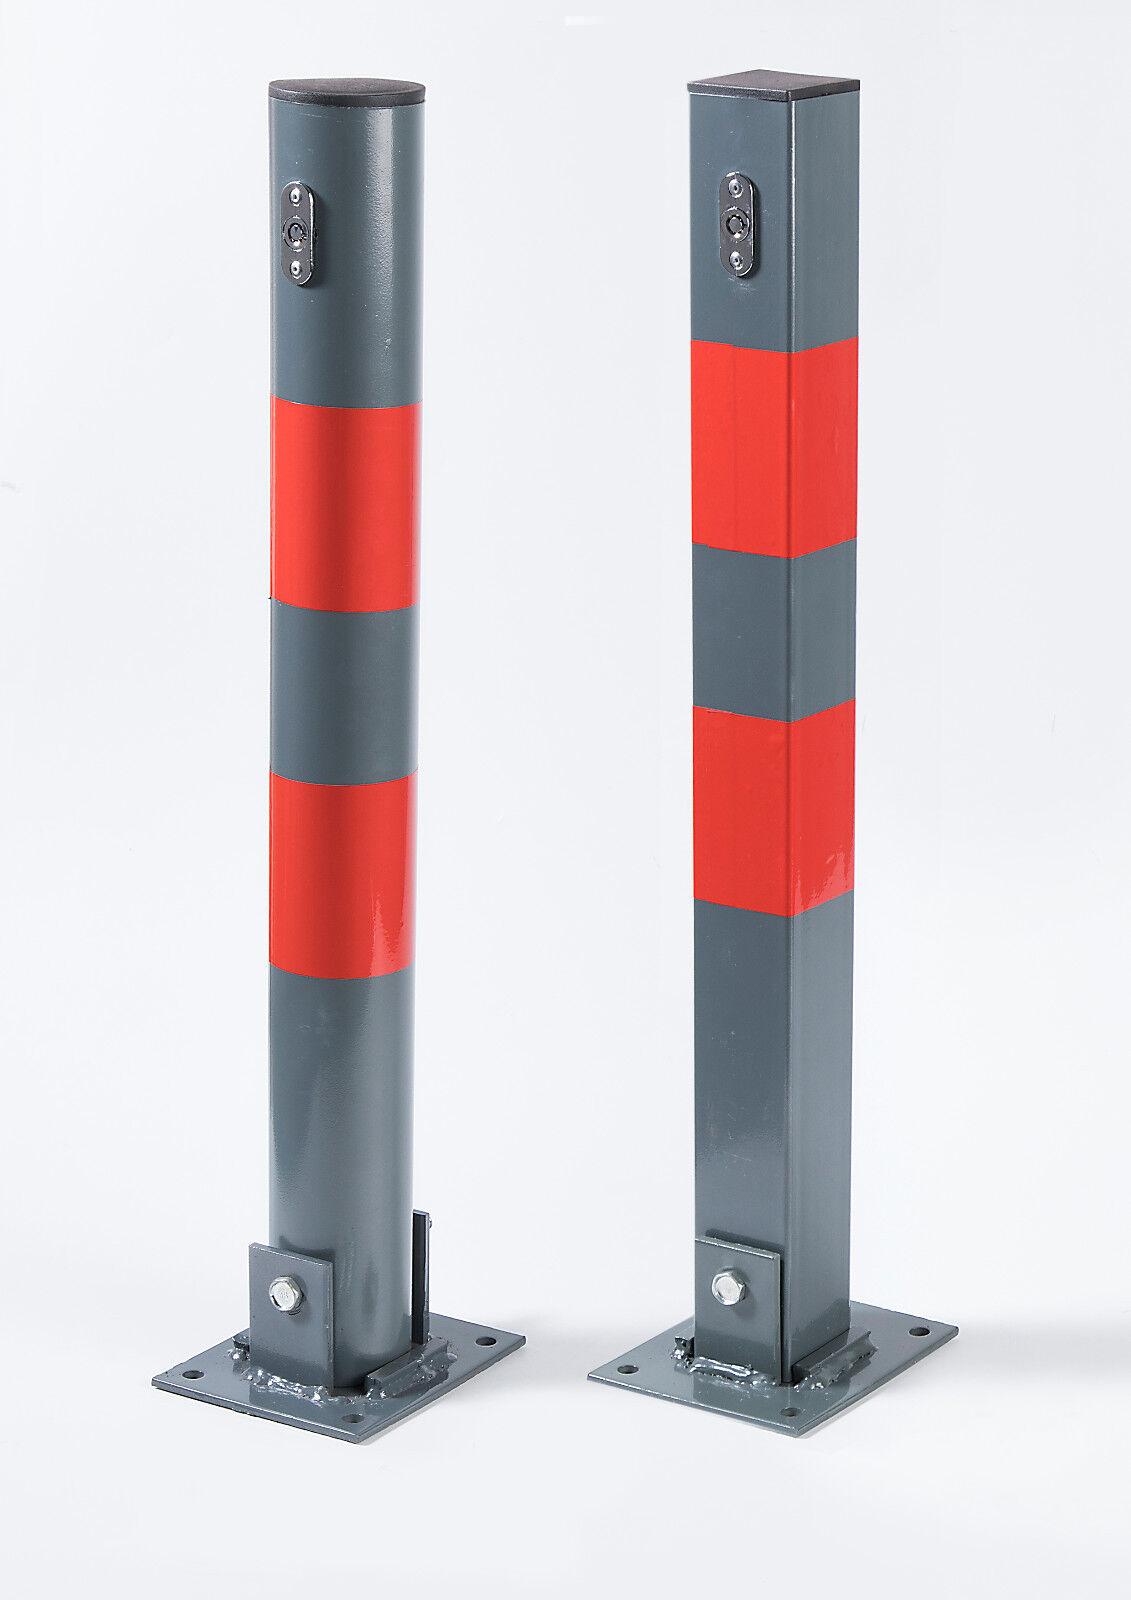 parkpfosten klappbar parkplatzsperre absperrpfosten 67cm hoch inkl